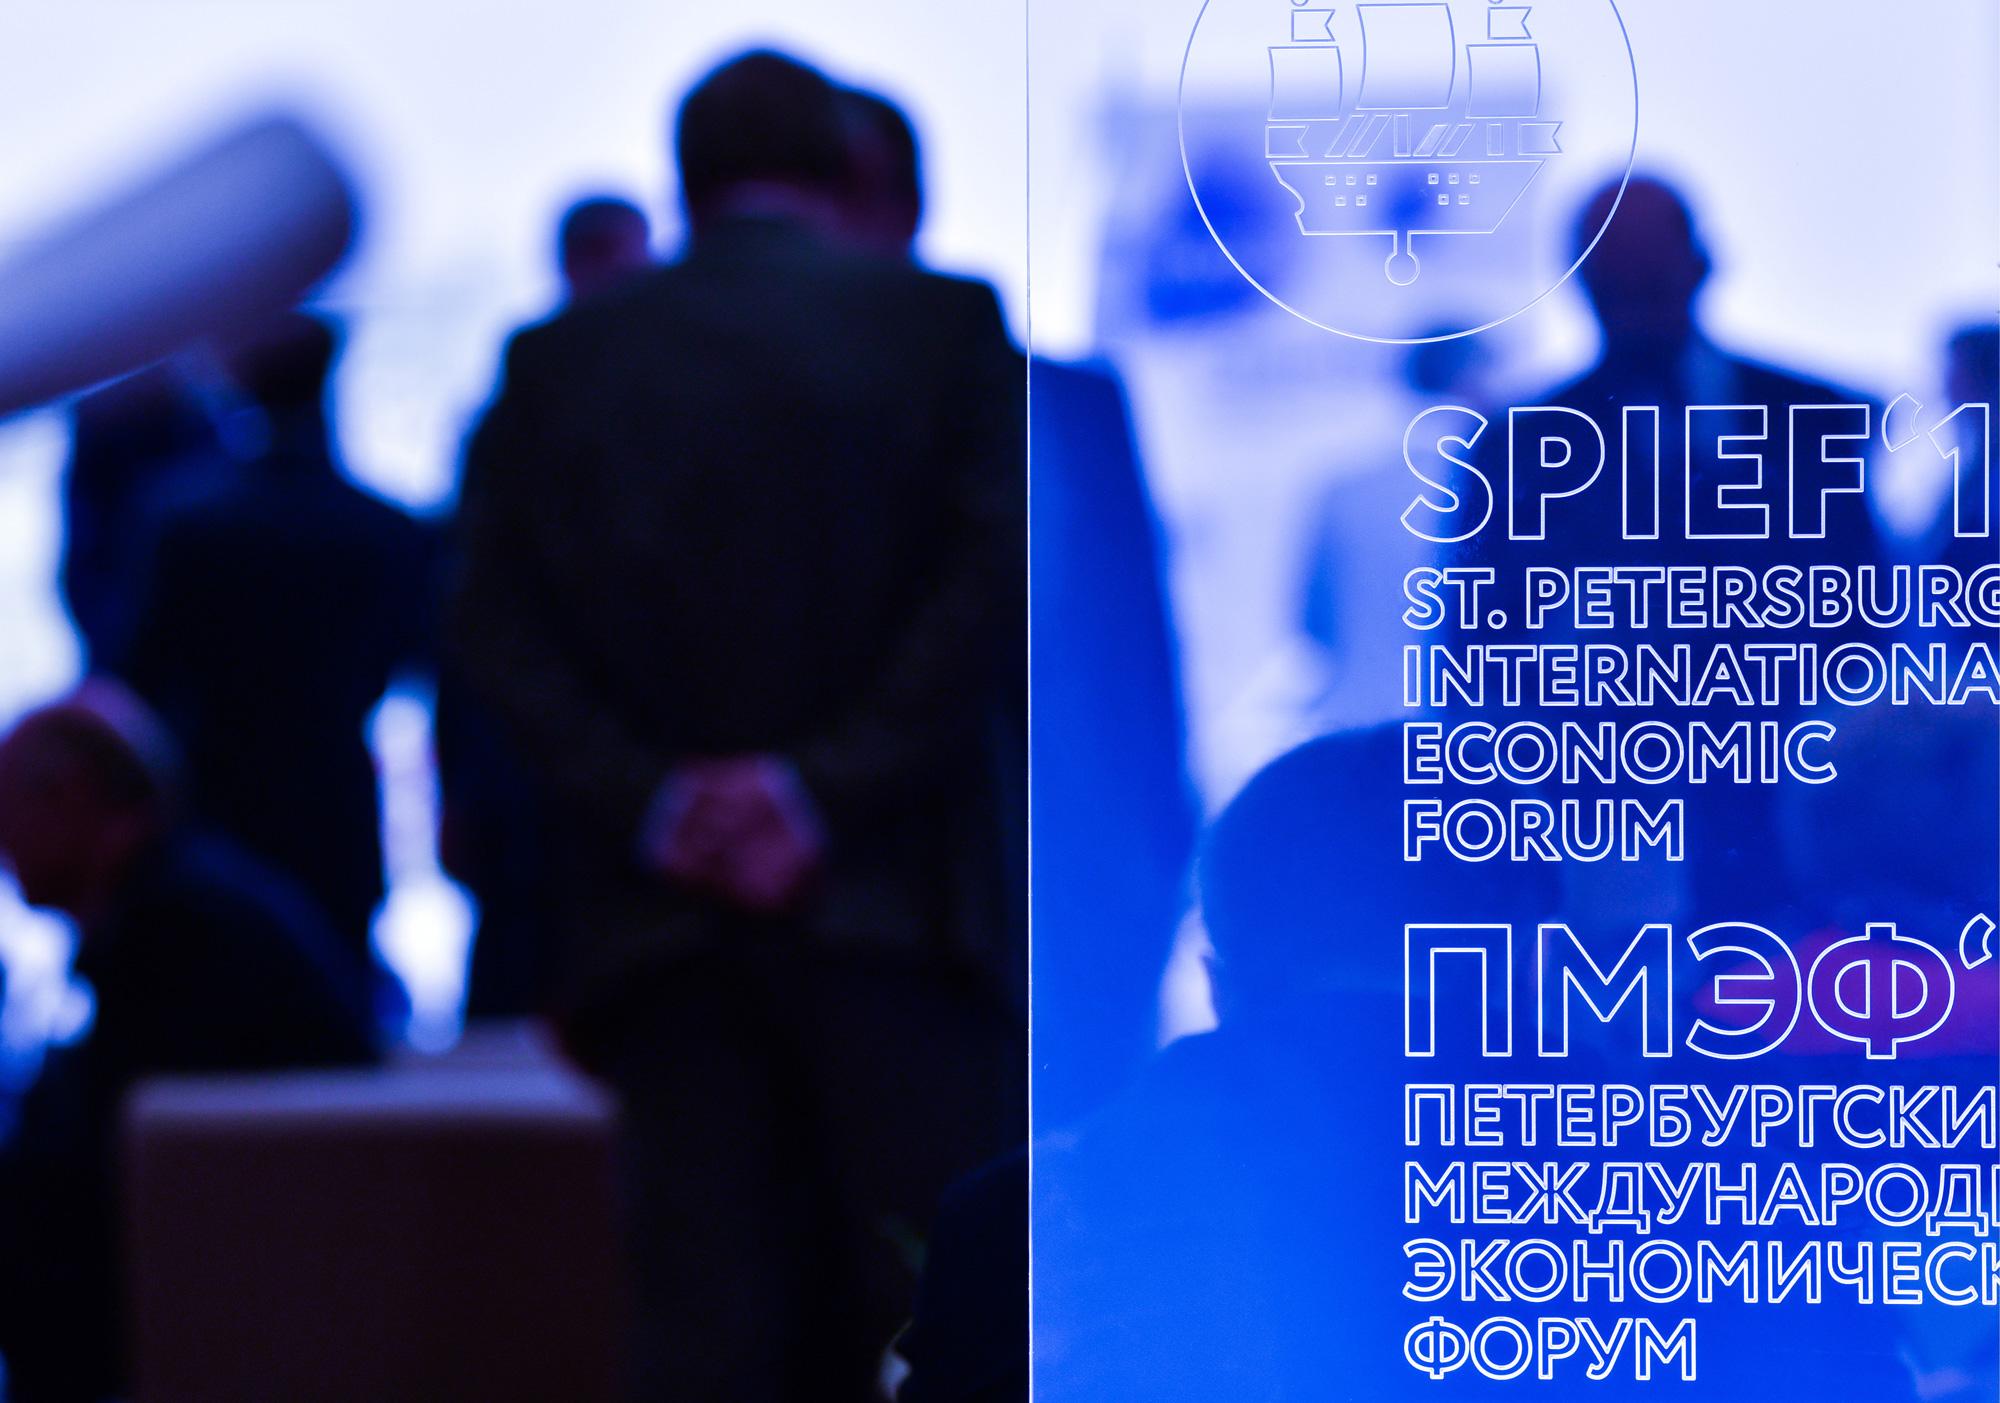 На территории конгрессно-выставочного центра Экспофорум. Стоян Васев - ТАСС